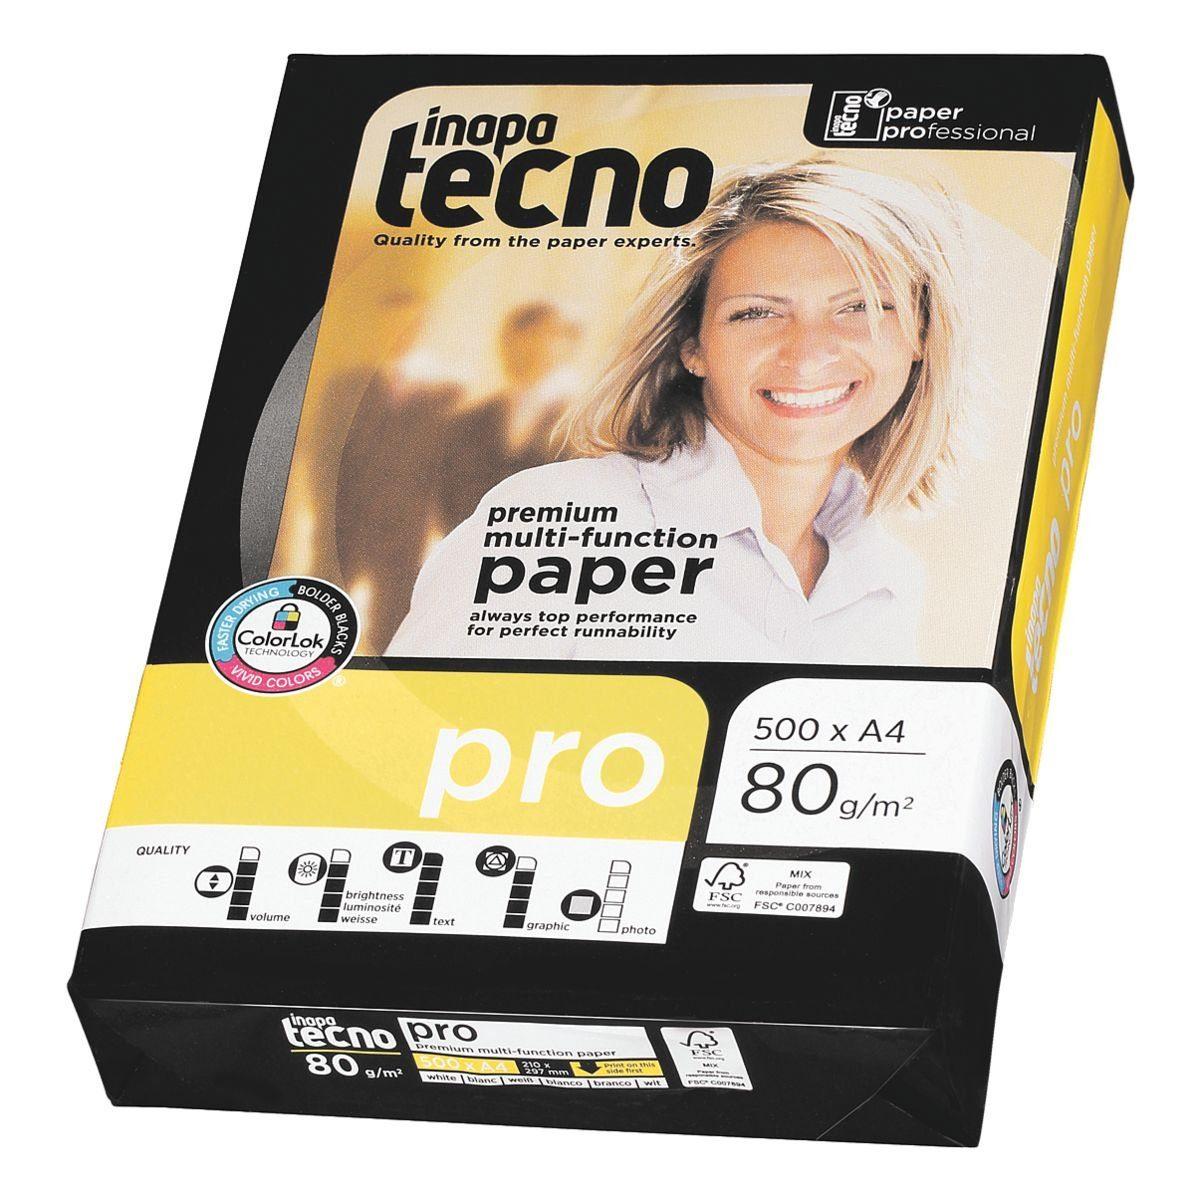 Inapa tecno Multifunktionales Druckerpapier »Pro«